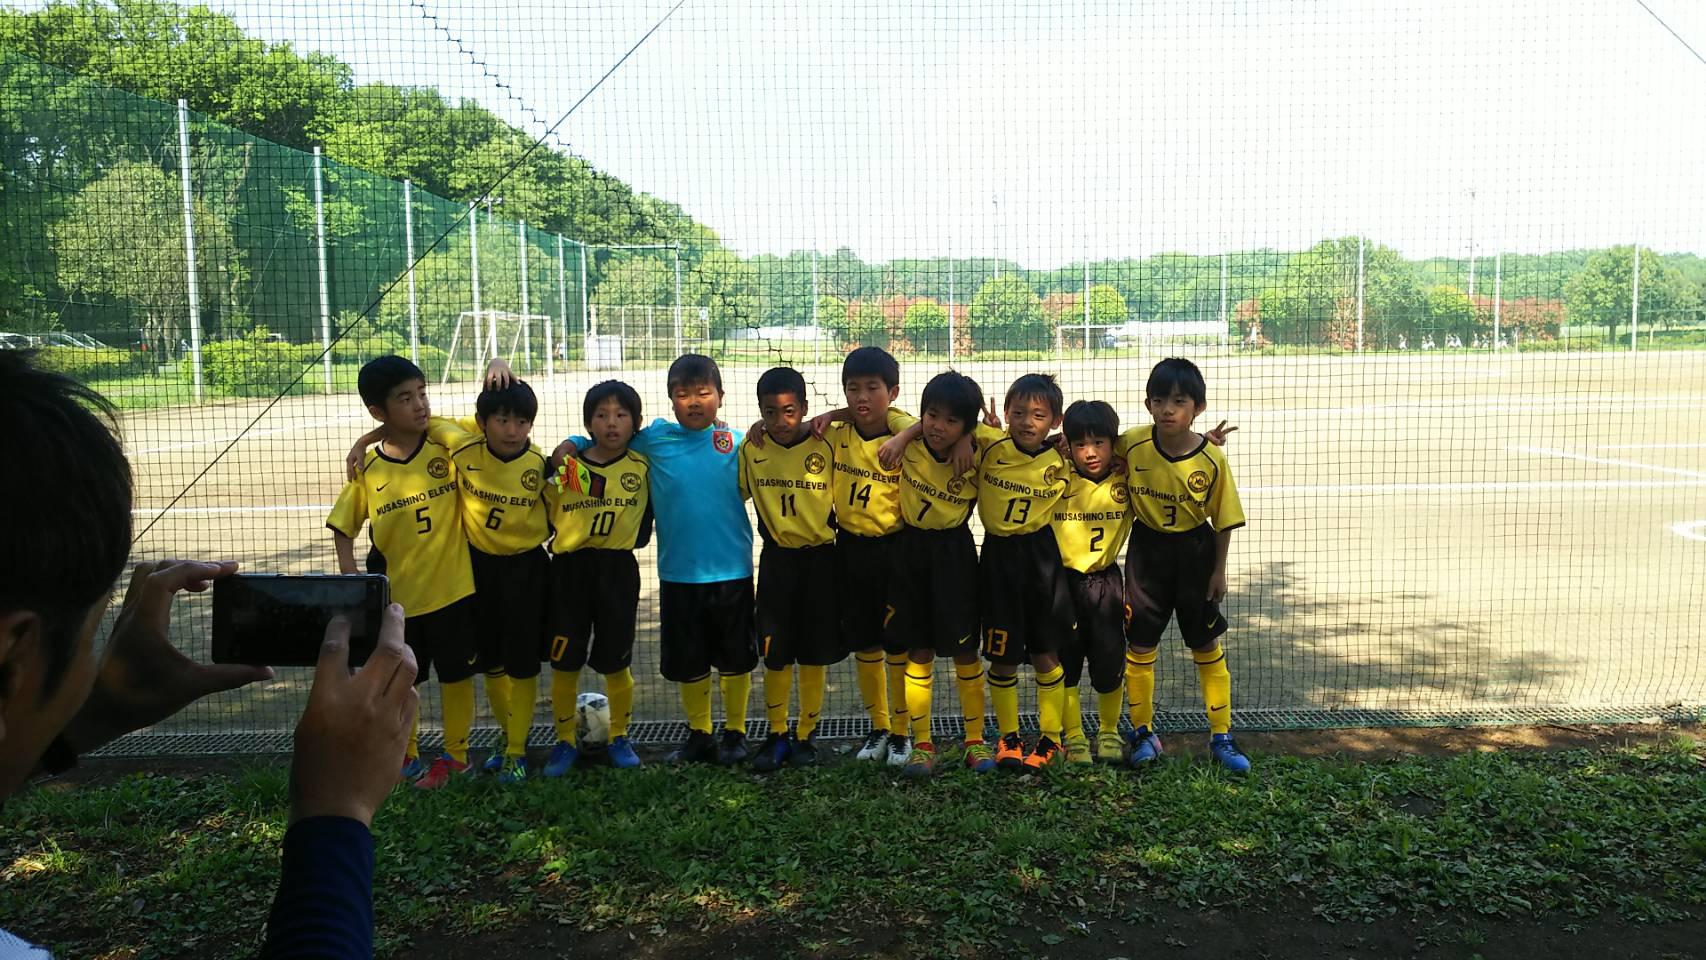 2019年 サーラグリーンカップ